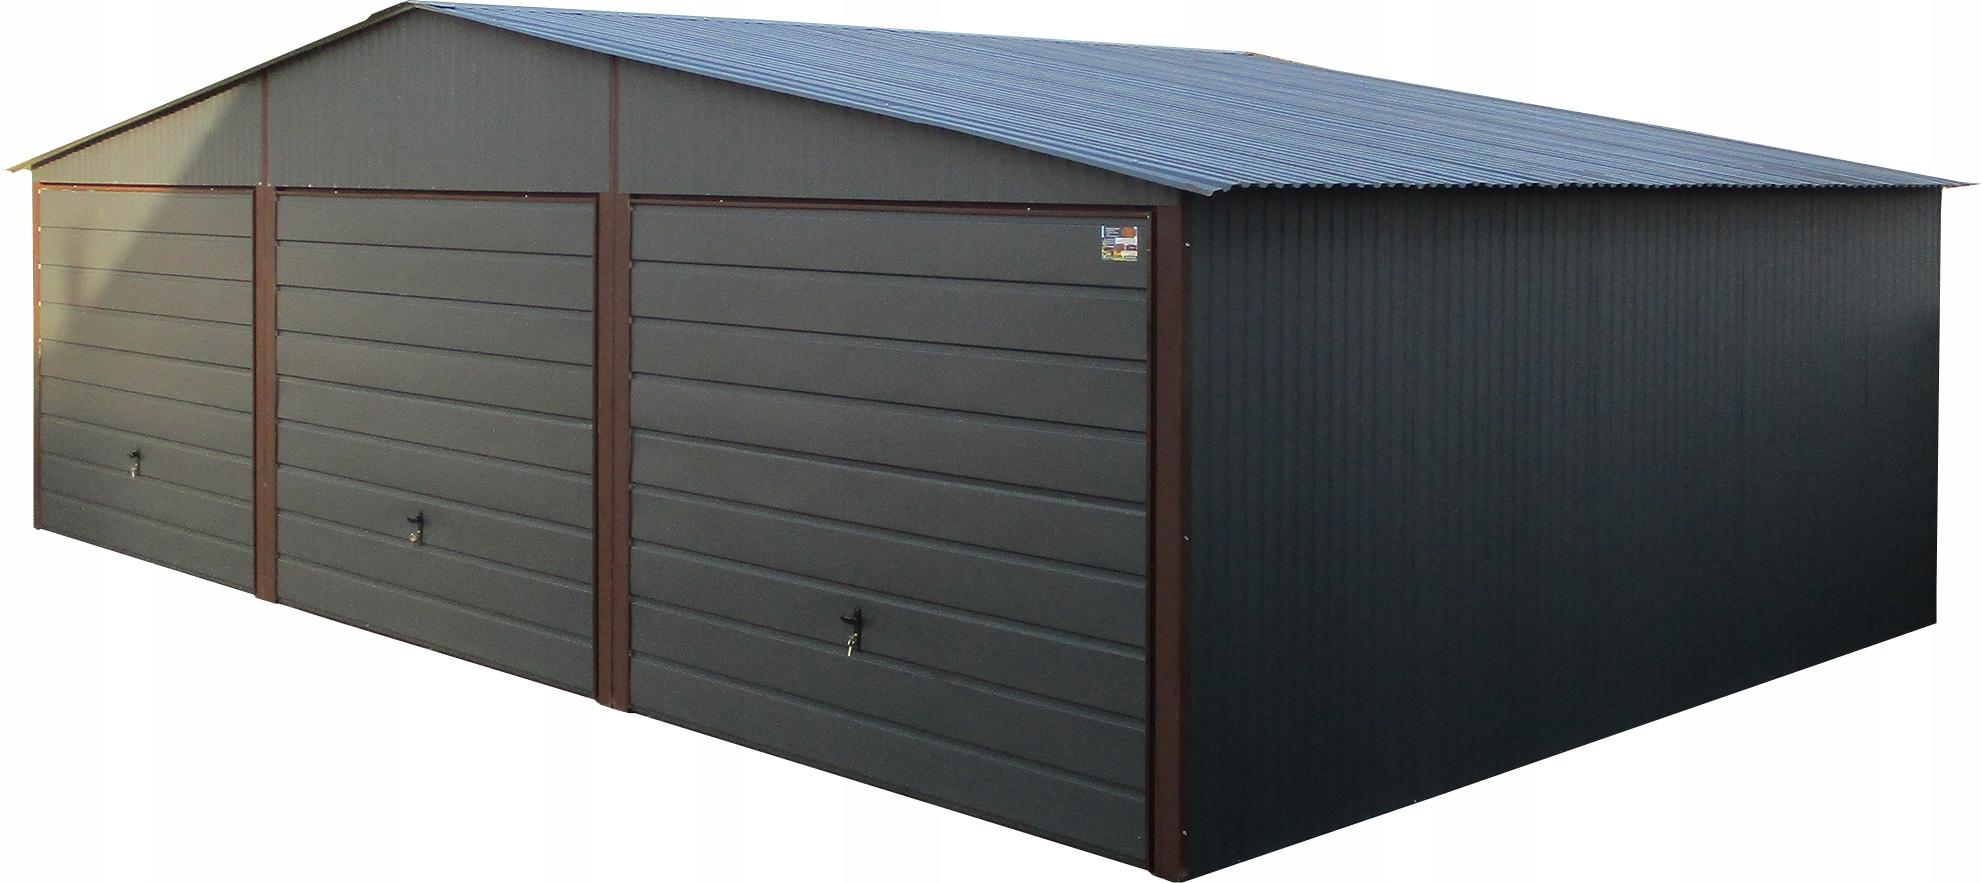 Жестяные гаражи 9x5 Garage Blaszak Graphite Blaszaki